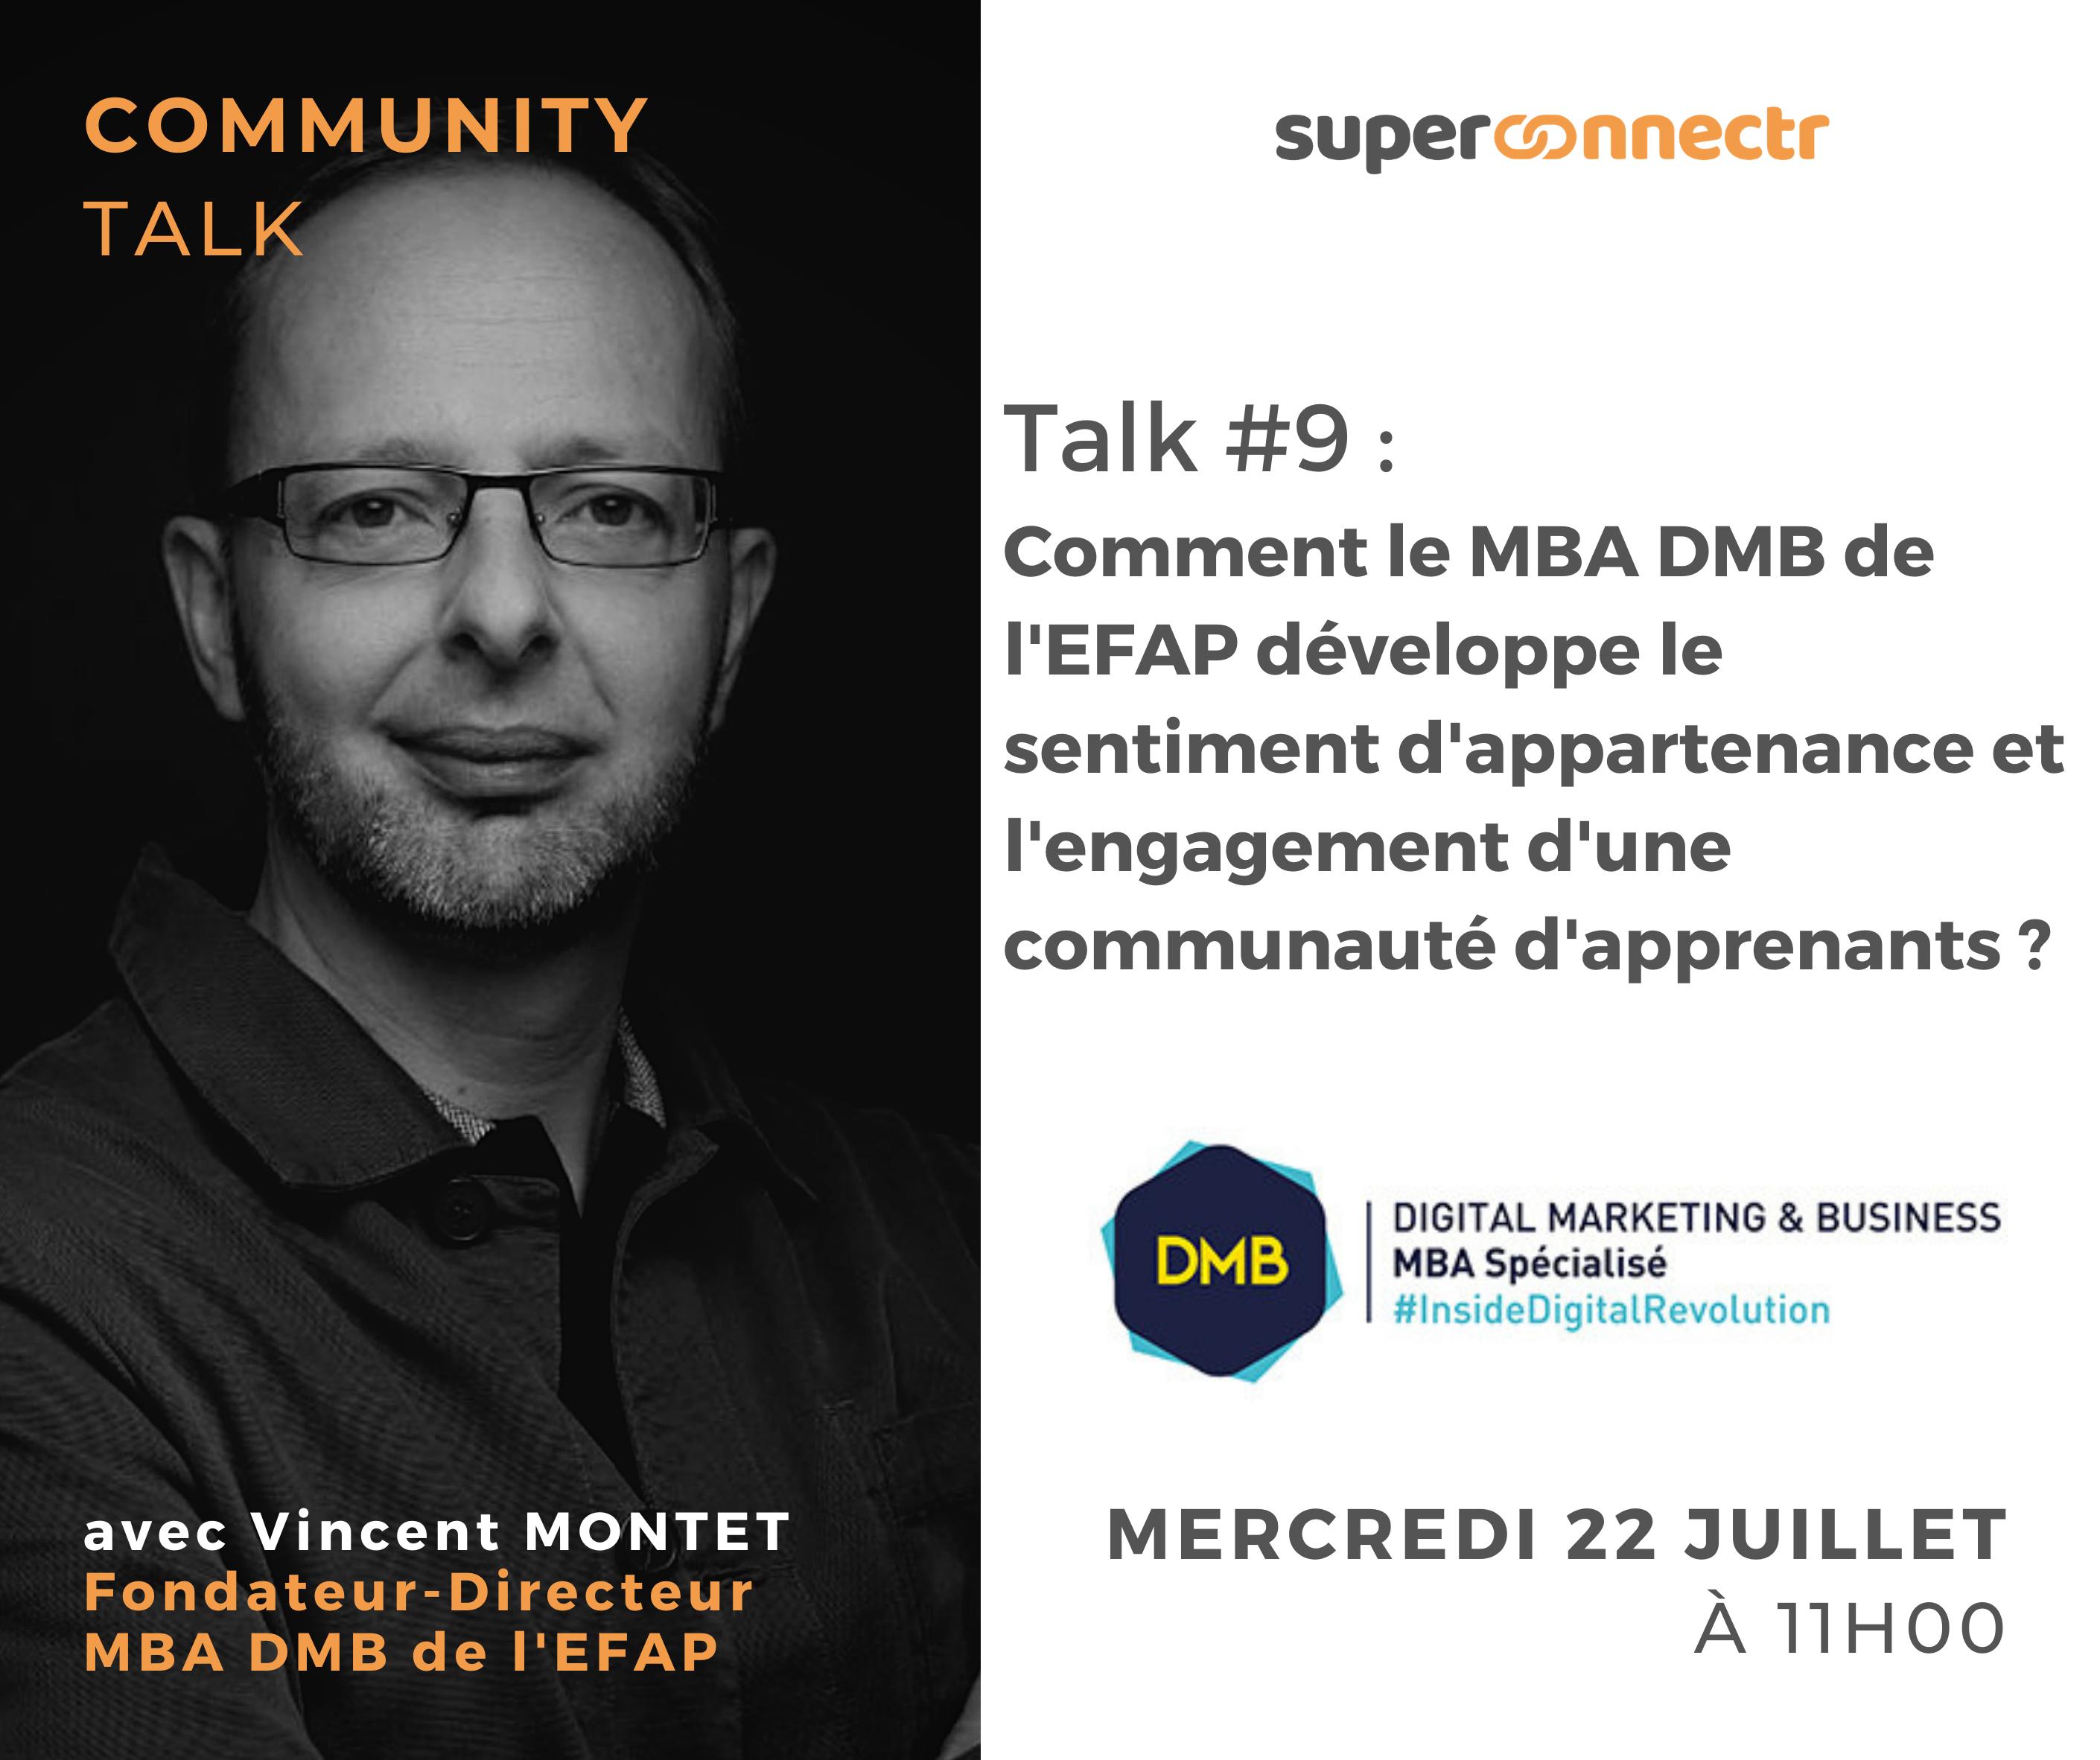 Community Talks by SuperConnectr - A la rencontre de la communauté MBA DMB de l'EFAP